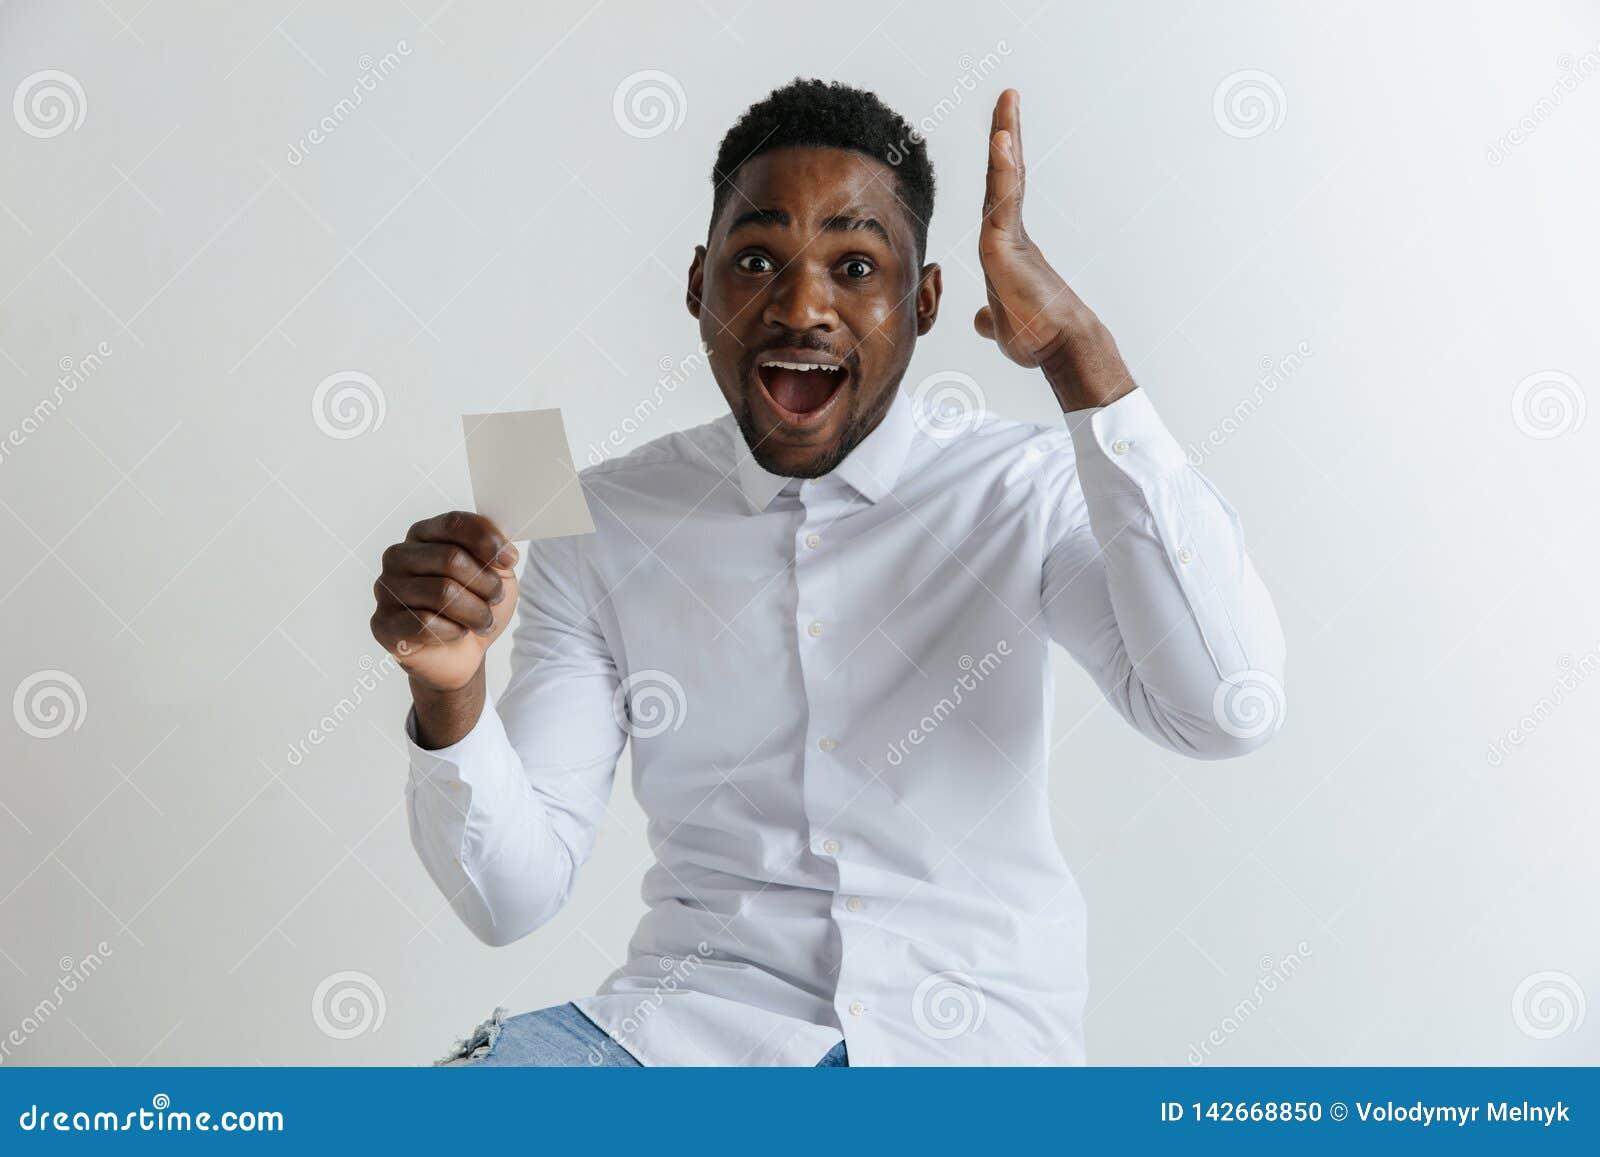 Młody afro mężczyzna z zdziwionym szczęśliwym wyrażeniem wygrywał zakład na szarym pracownianym tle